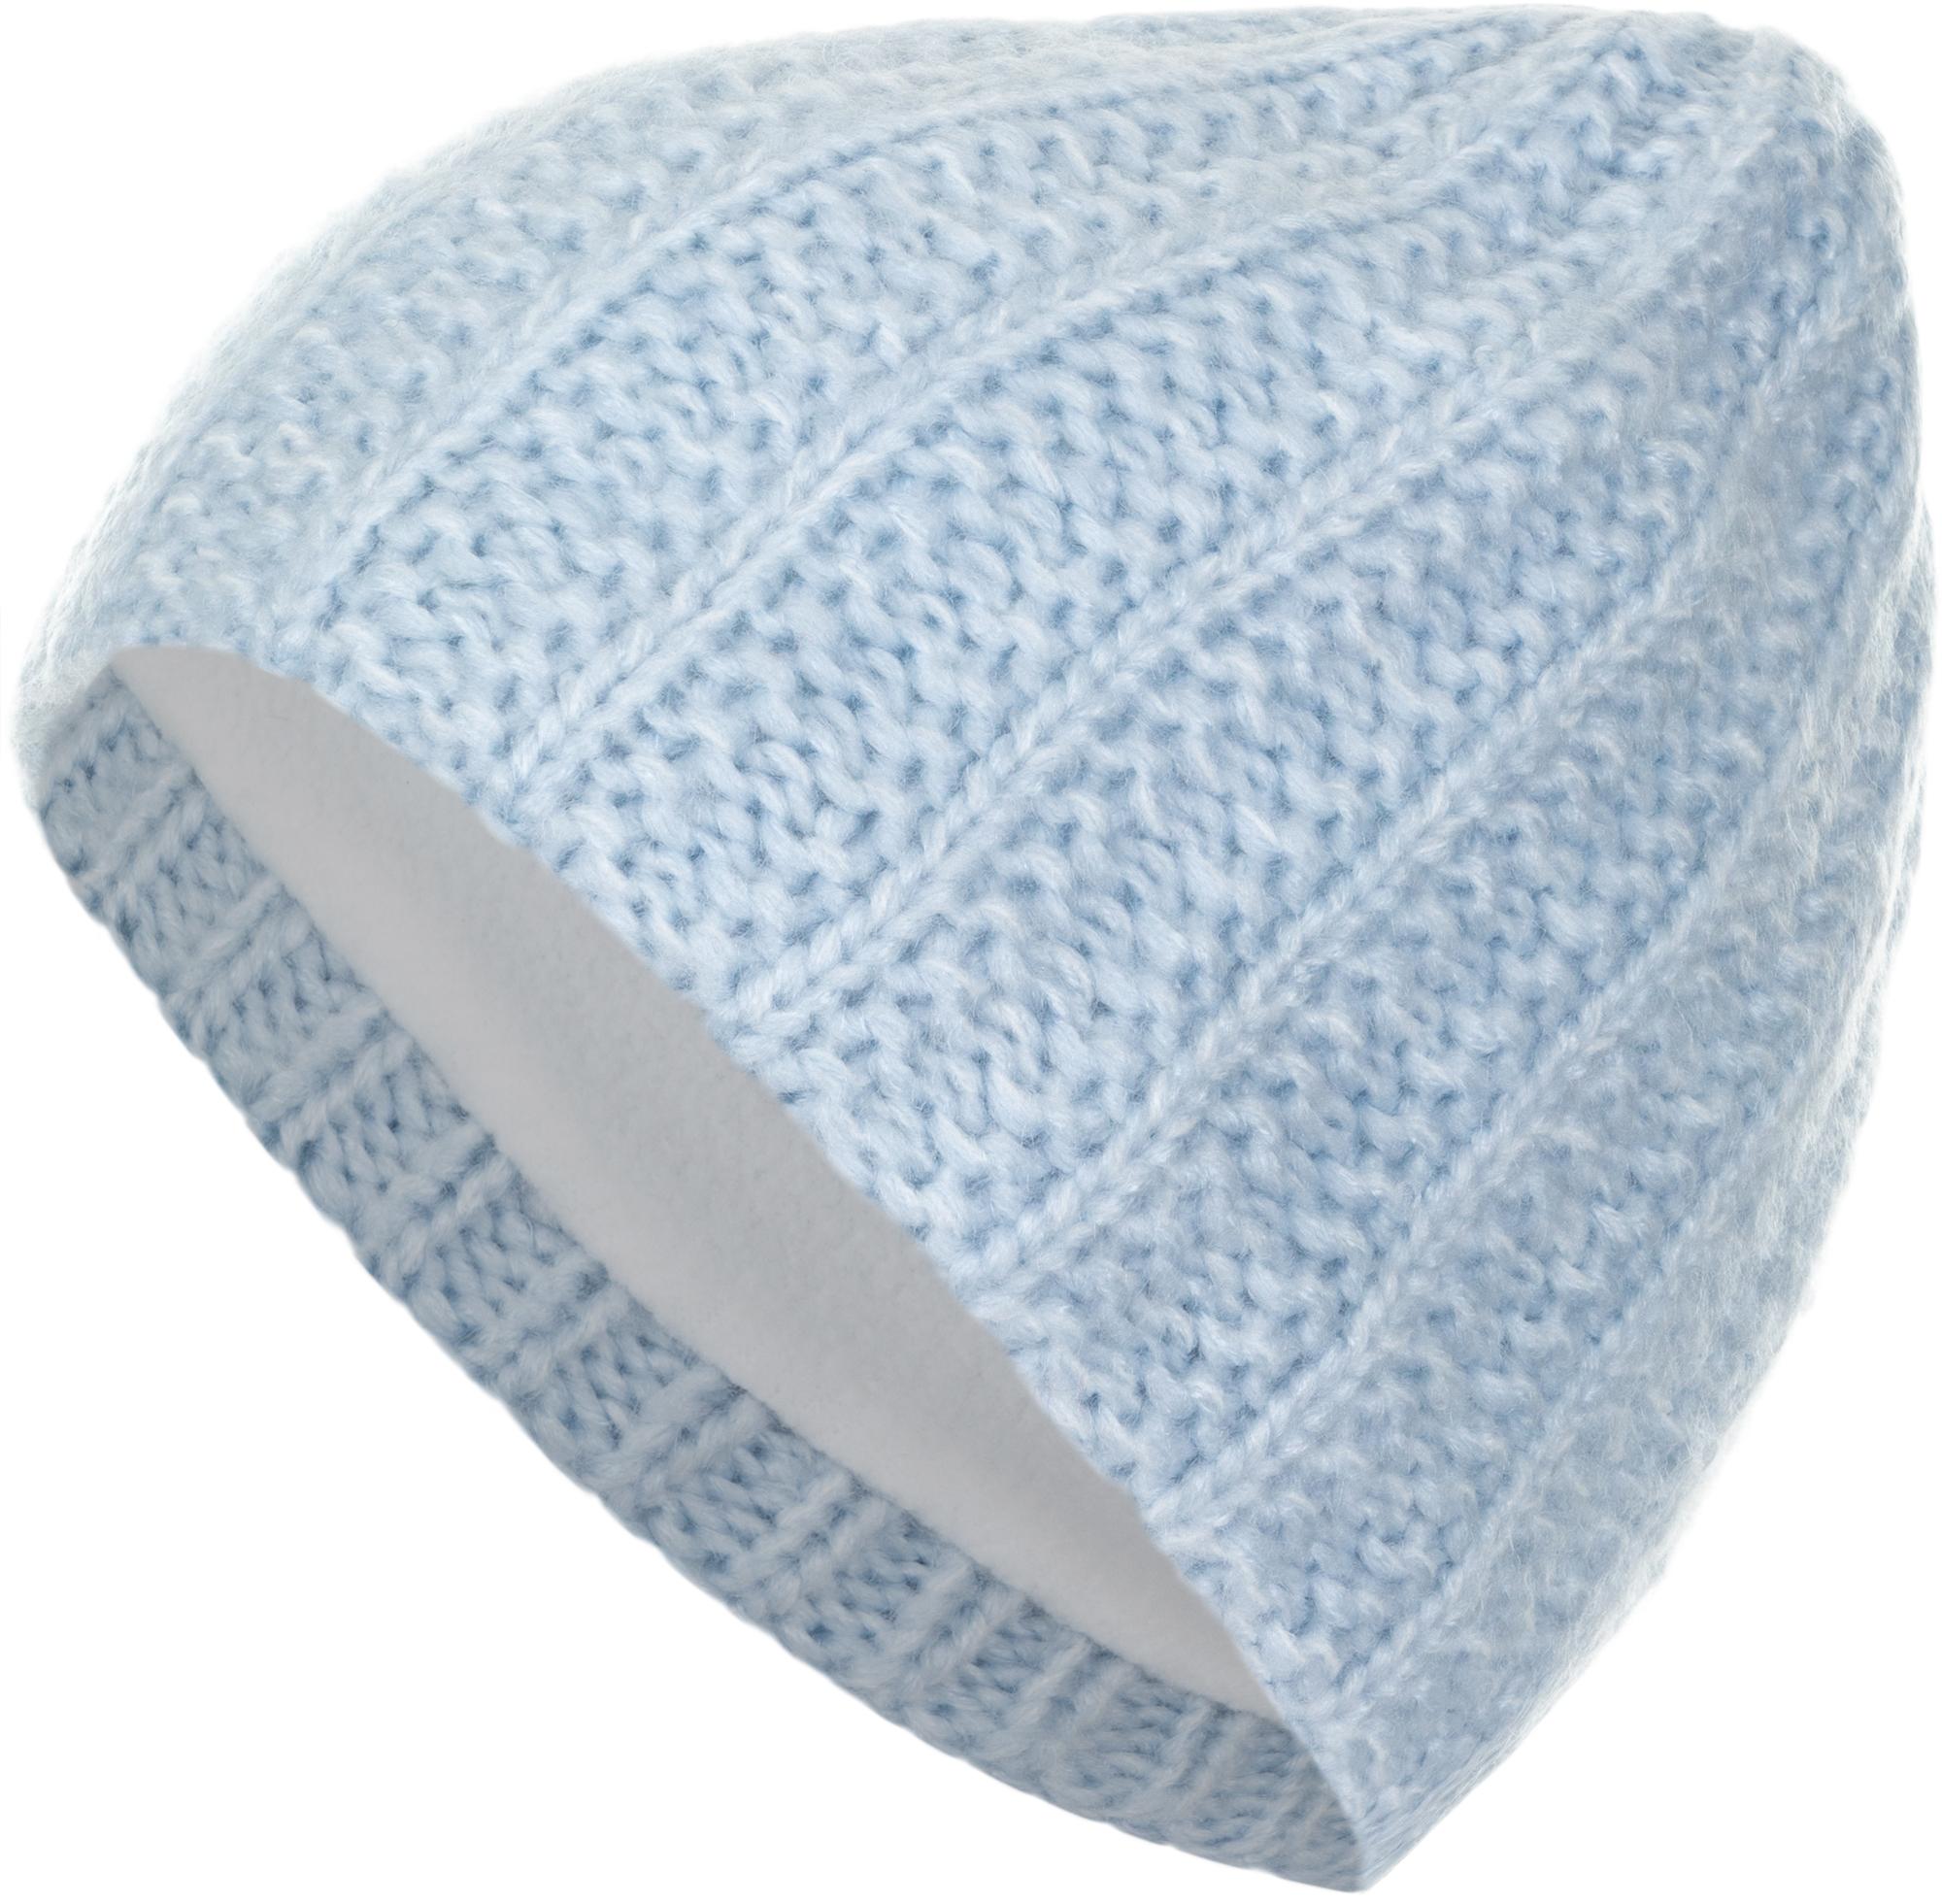 IcePeak Шапка женская IcePeak Ivica, размер Без размера icepeak шапка мужская icepeak iolo размер без размера